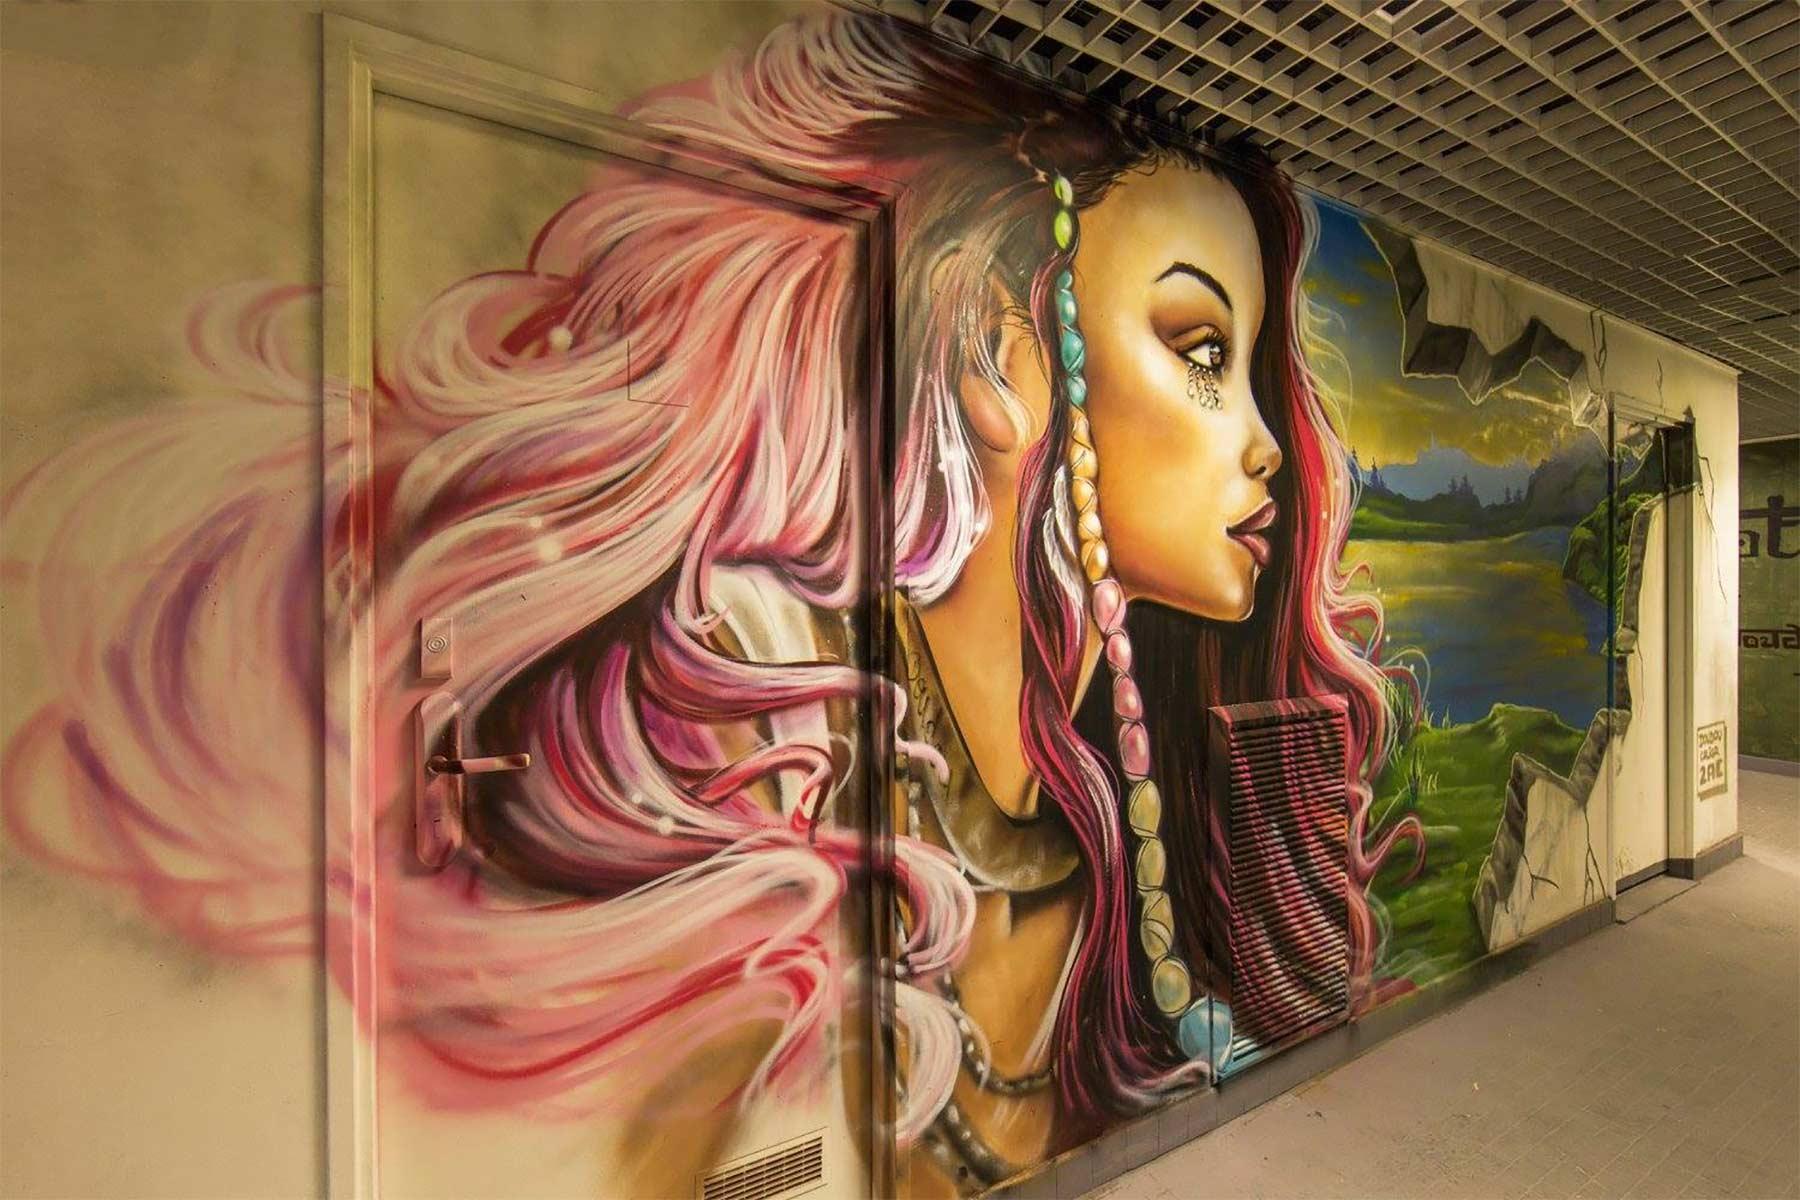 100 Graffiti-Künstler haben dieses Studentenwohnheim verschönert